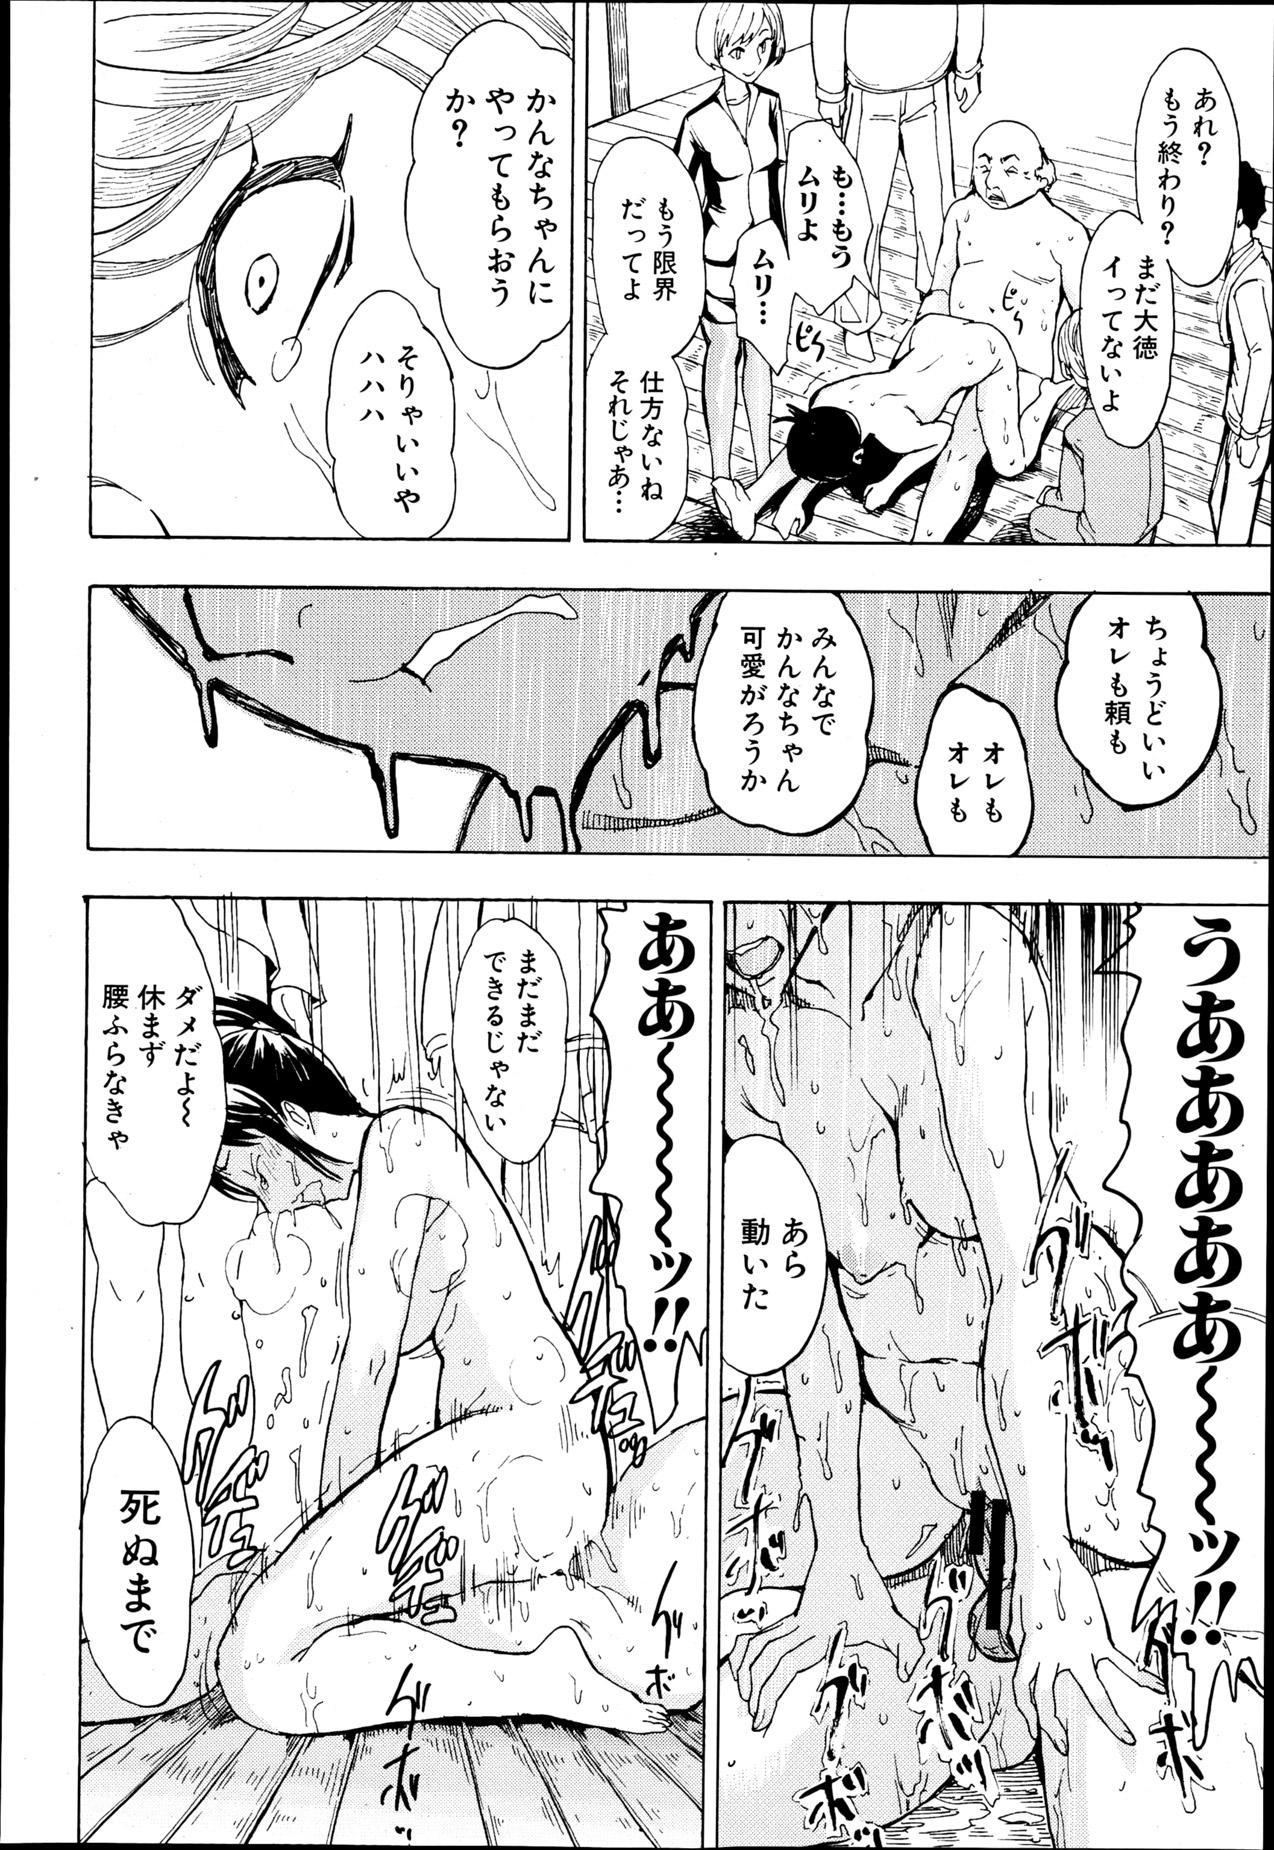 Kedamono no Ie Ch.1-6 27